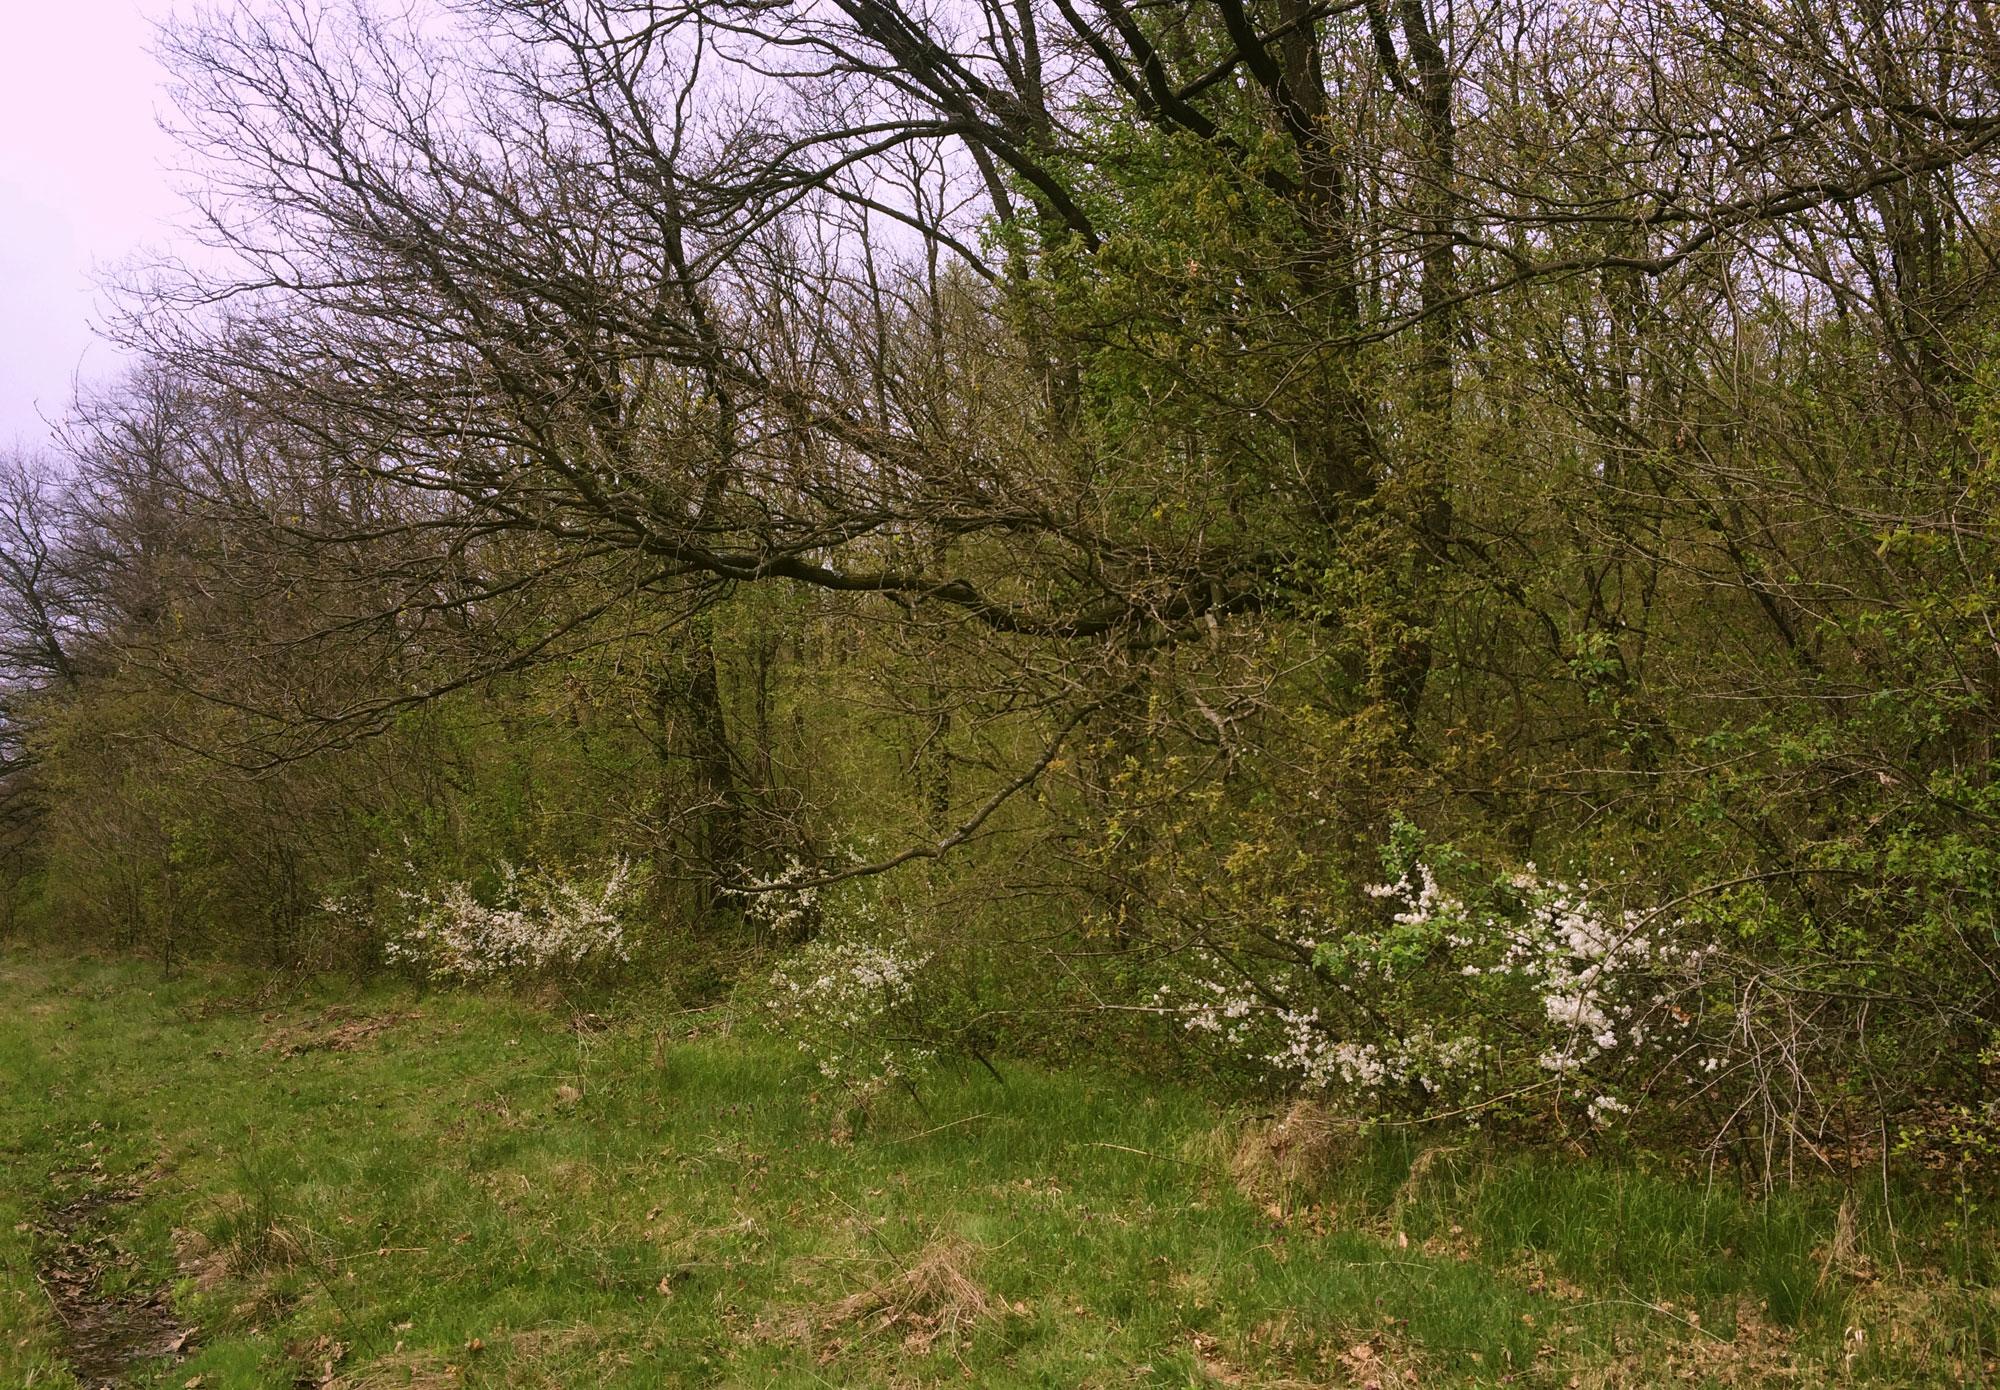 Habitat Vipera berus nikolskii